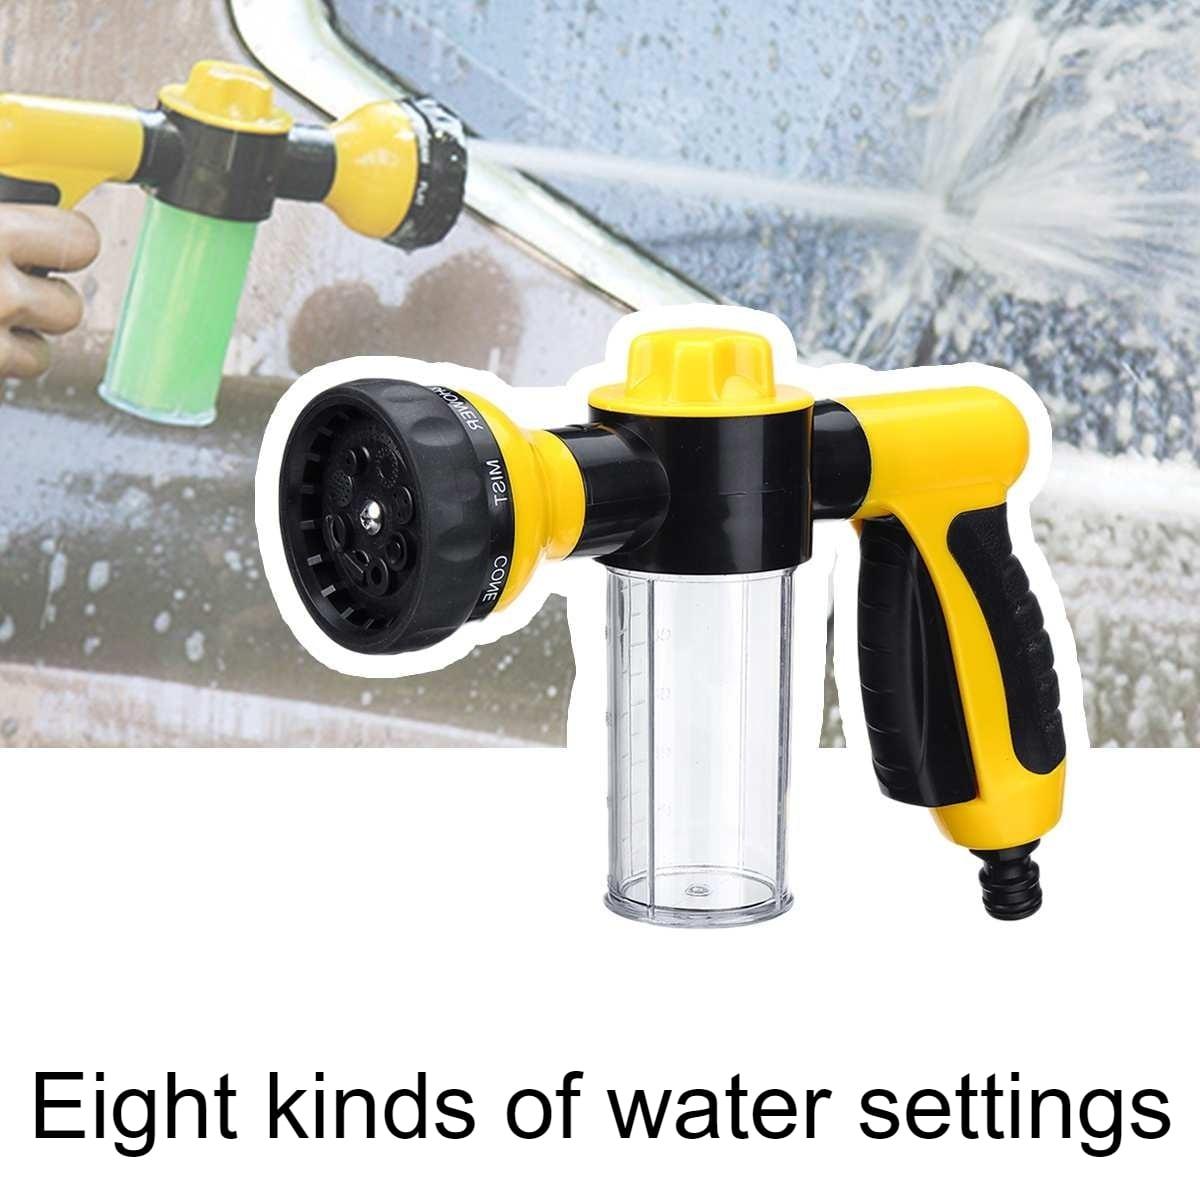 multi-purpose hose sprayer nozzle 2